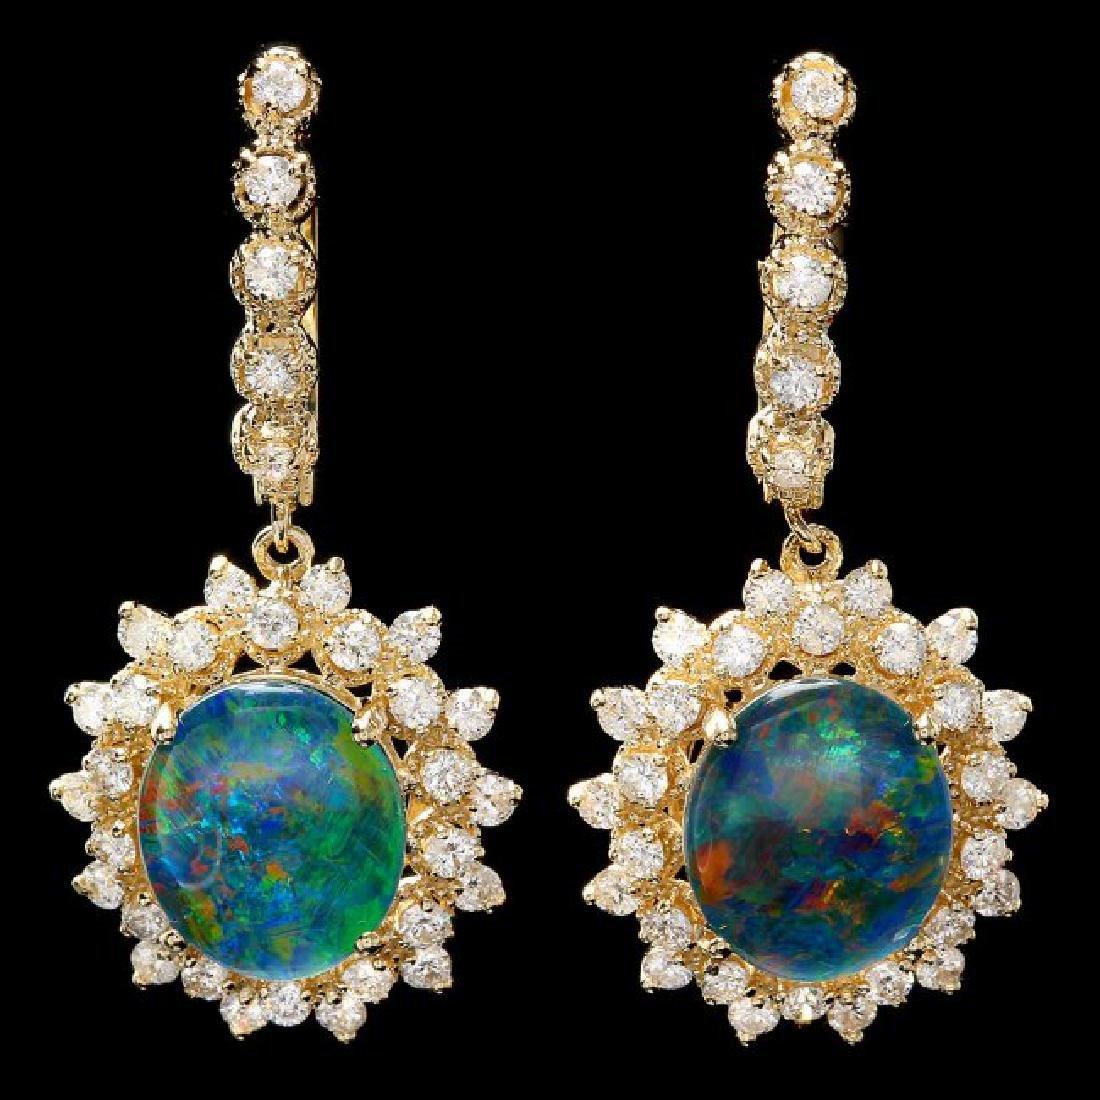 14k Gold 4.50ct Triplet Opal 2ct Diamond Earrings